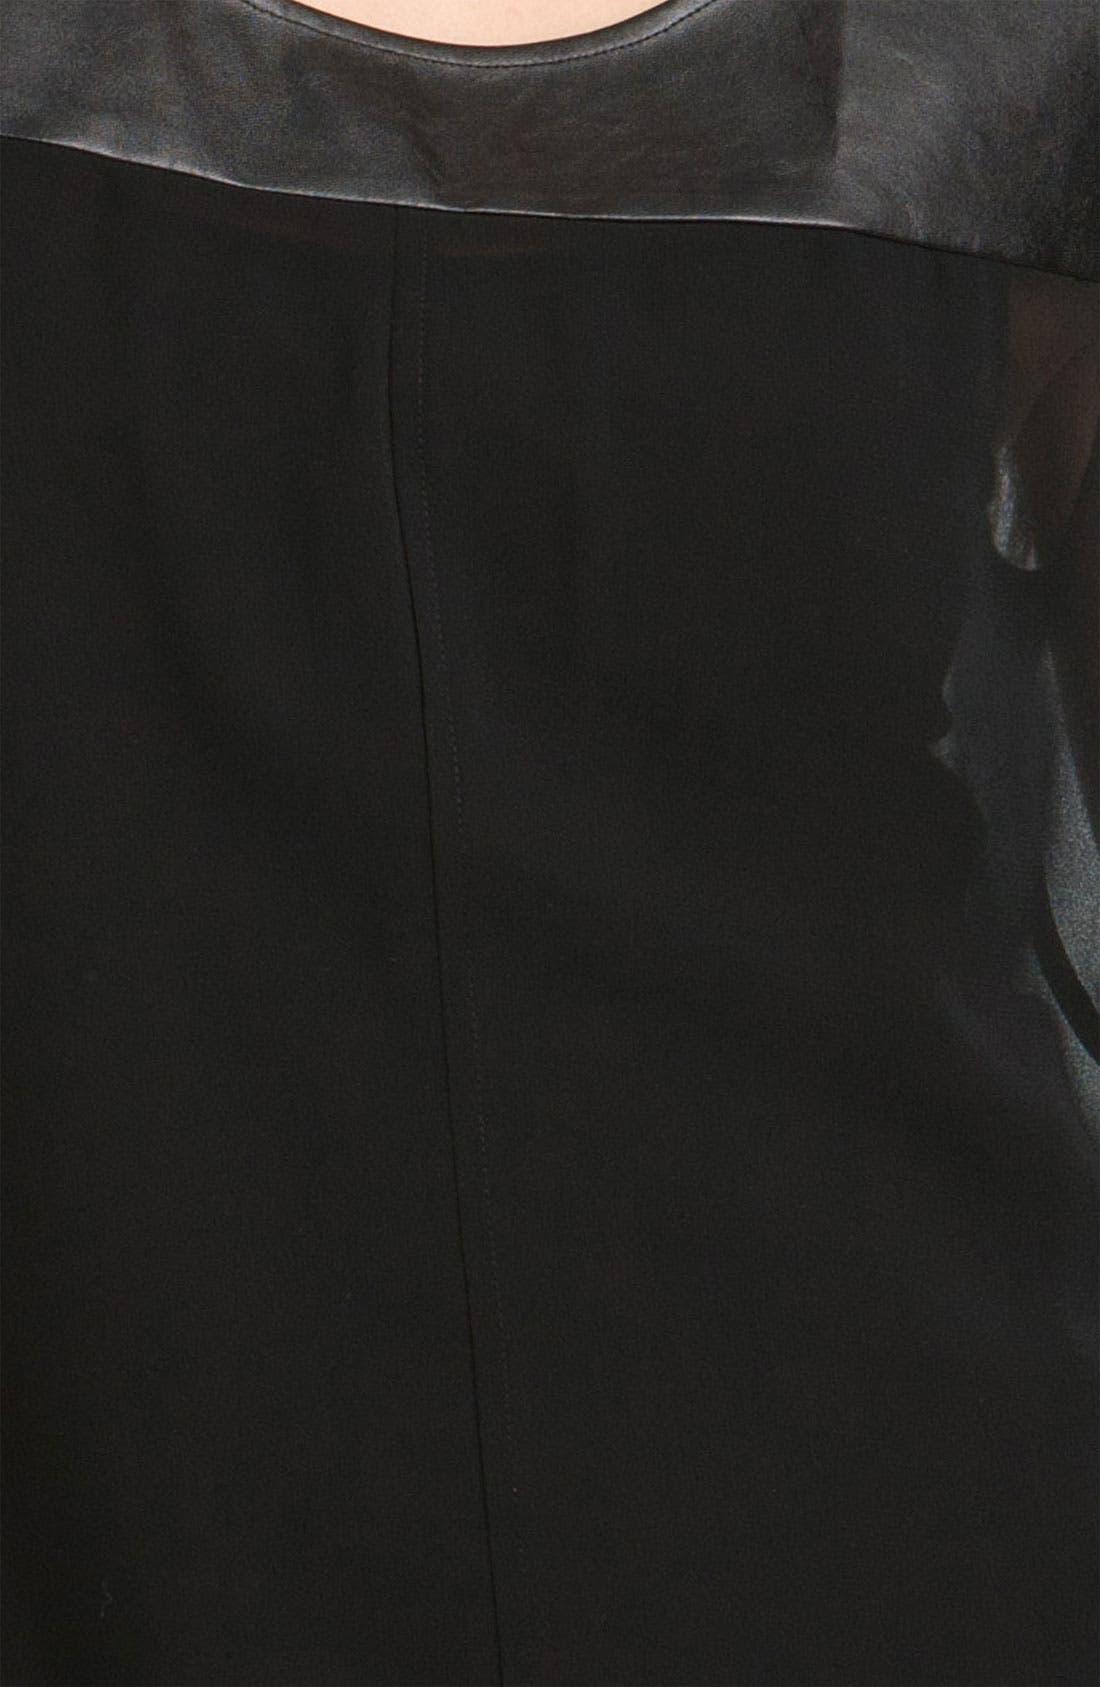 Alternate Image 3  - Trouvé Faux Leather Bib Top